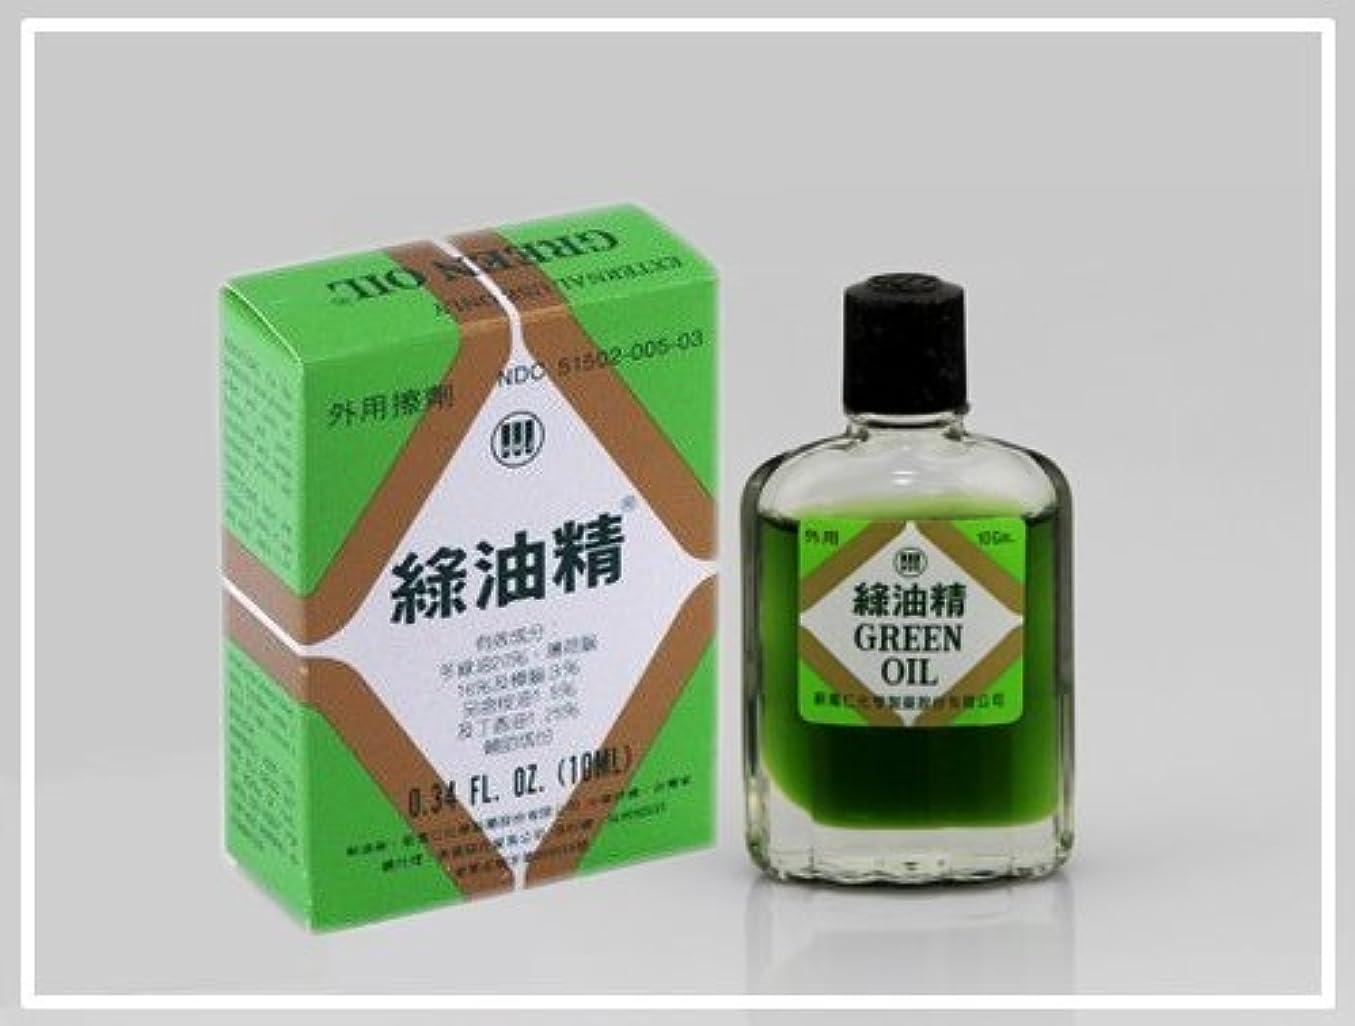 鋸歯状しなやかな最後に台湾純正版 新萬仁緑油精 グリーンオイル 緑油精 10ml [並行輸入品]